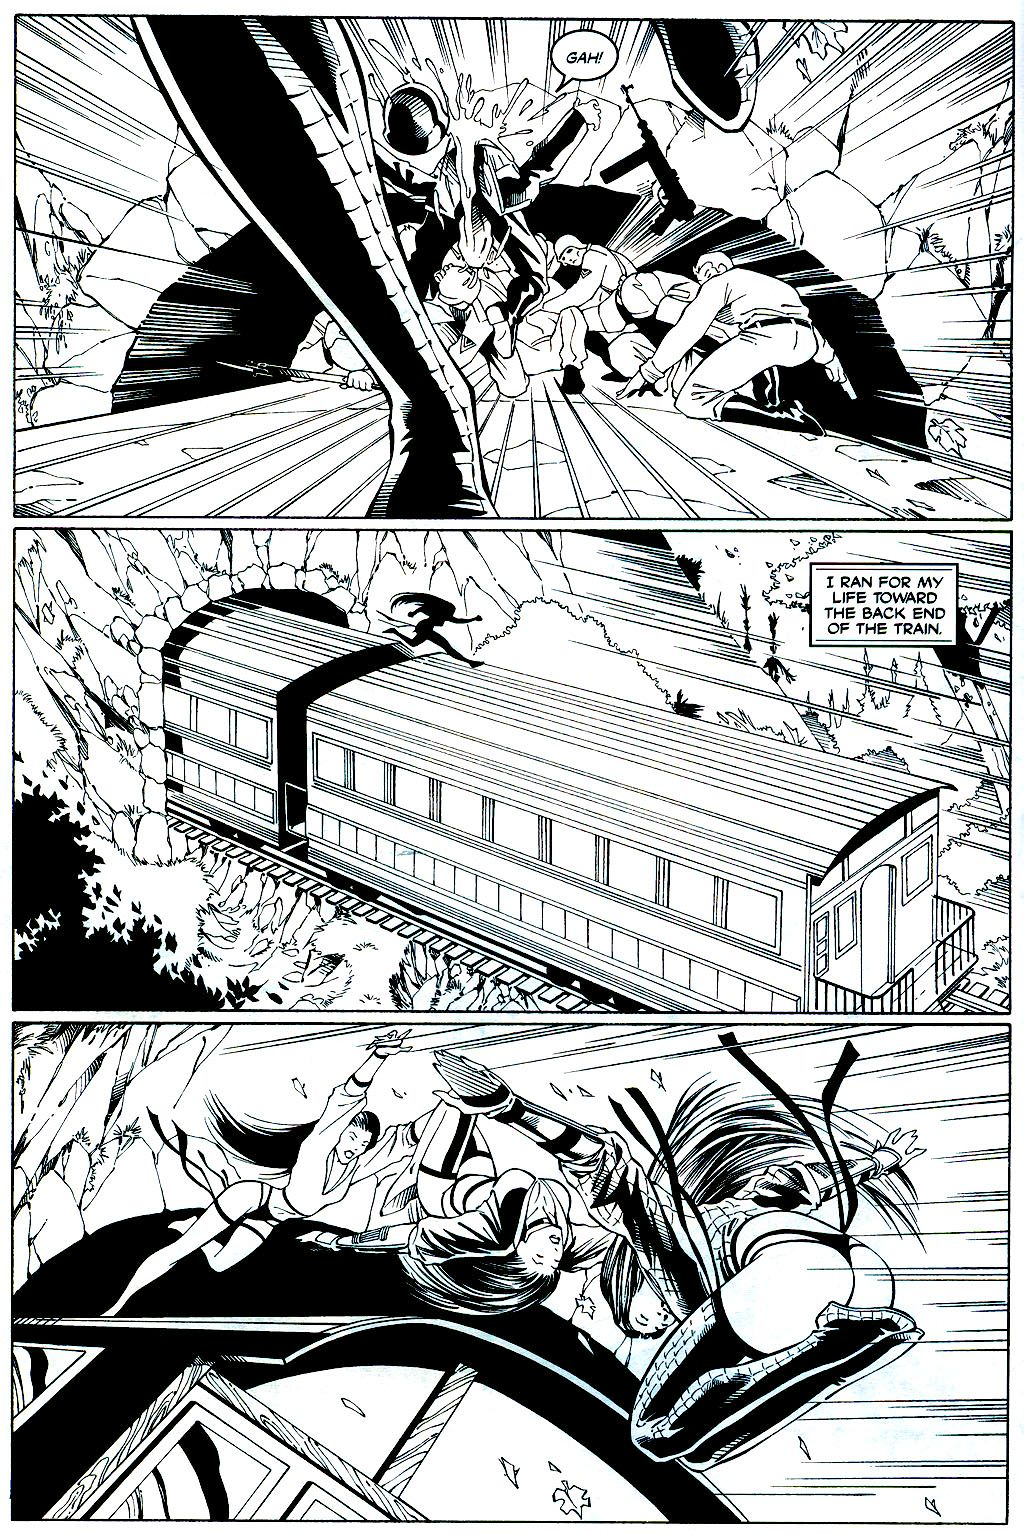 Read online Shi: Sempo comic -  Issue #2 - 9